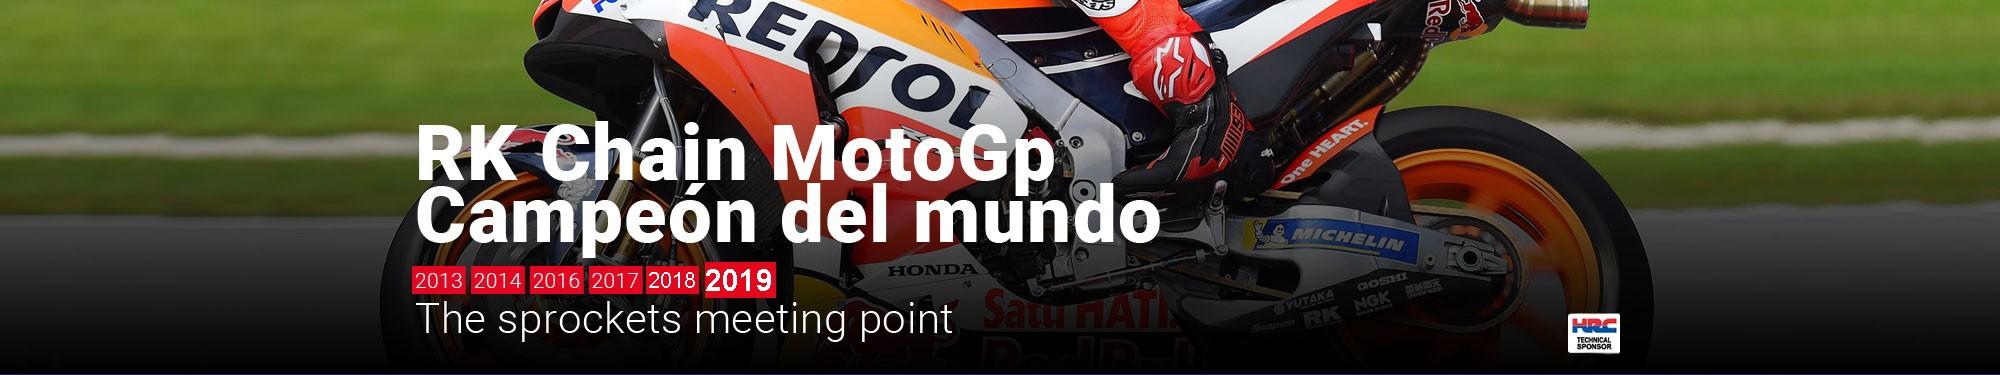 RK Chain - Campeón del mundo MotoGP